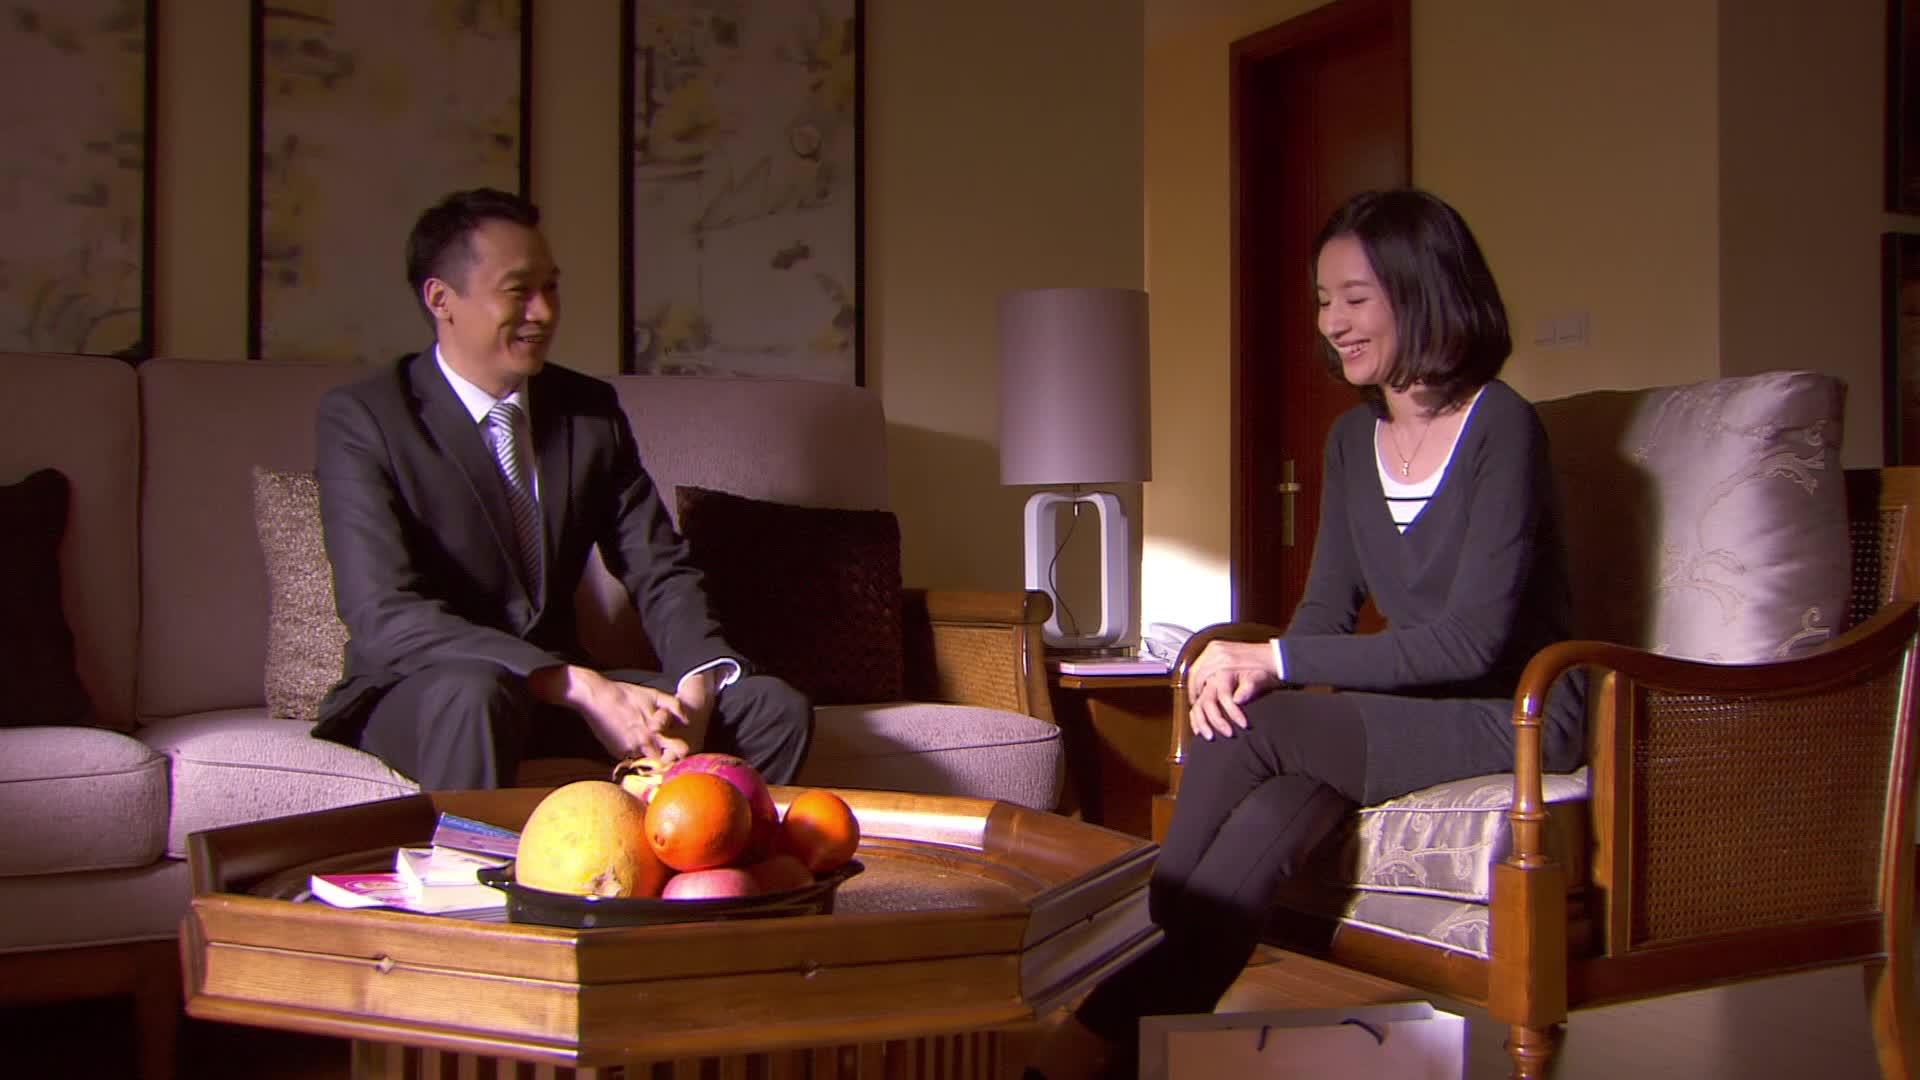 韩灵直接对刘元说,瘦了就比以前更帅了